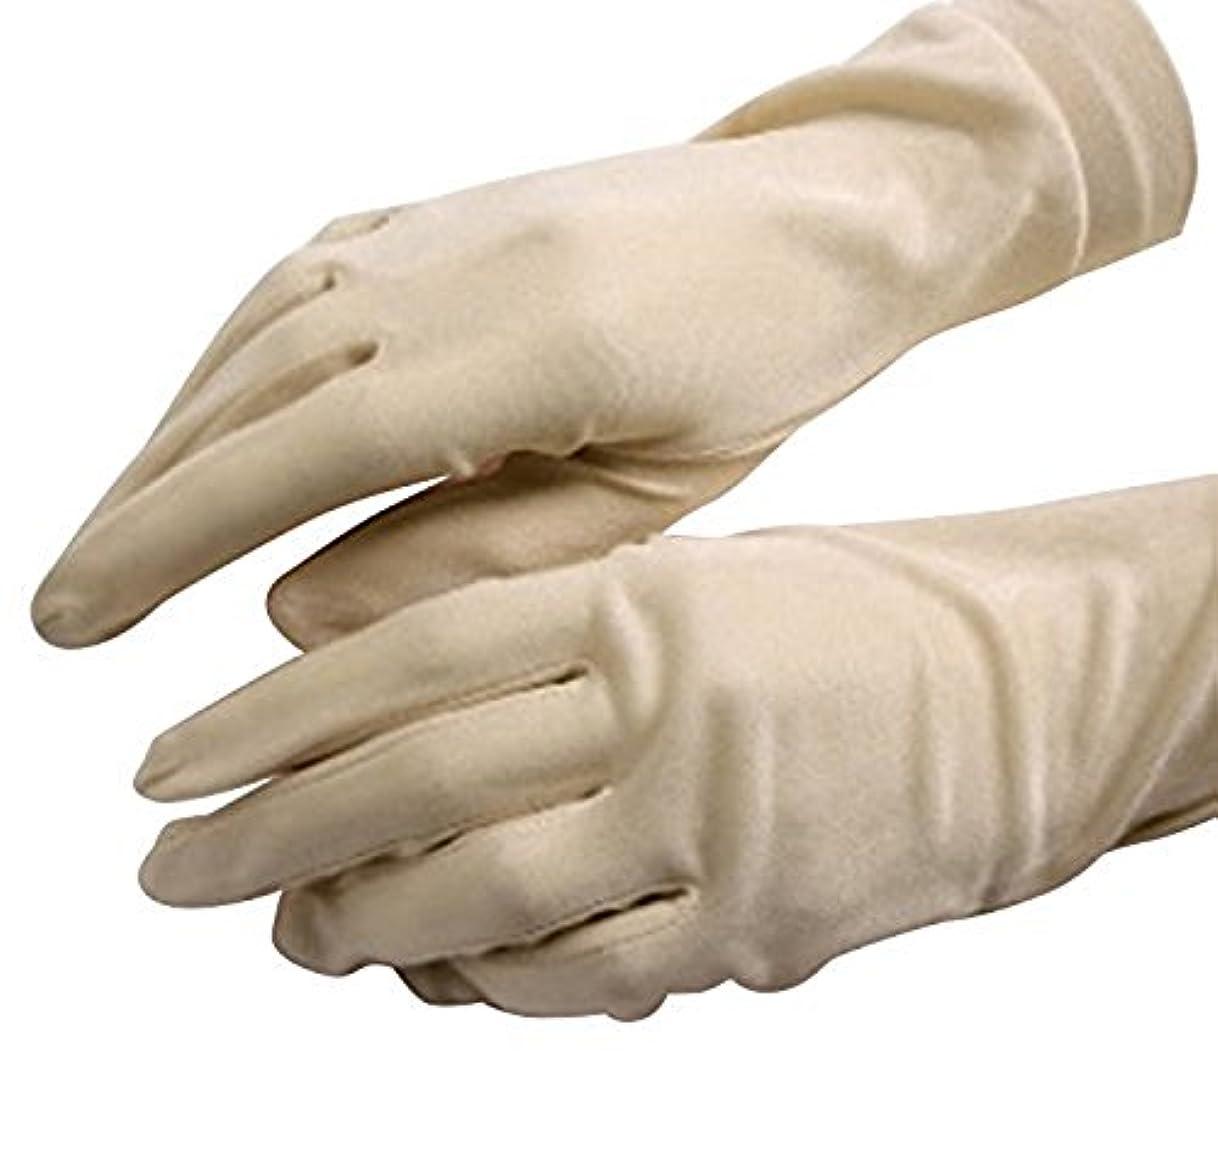 ナンセンスコロニーマーカーCREPUSCOLO 手荒れ対策! シルク手袋 おやすみ 手袋 保湿ケア UVカット ハンドケア シルク100% 全7色 (ベージュ)